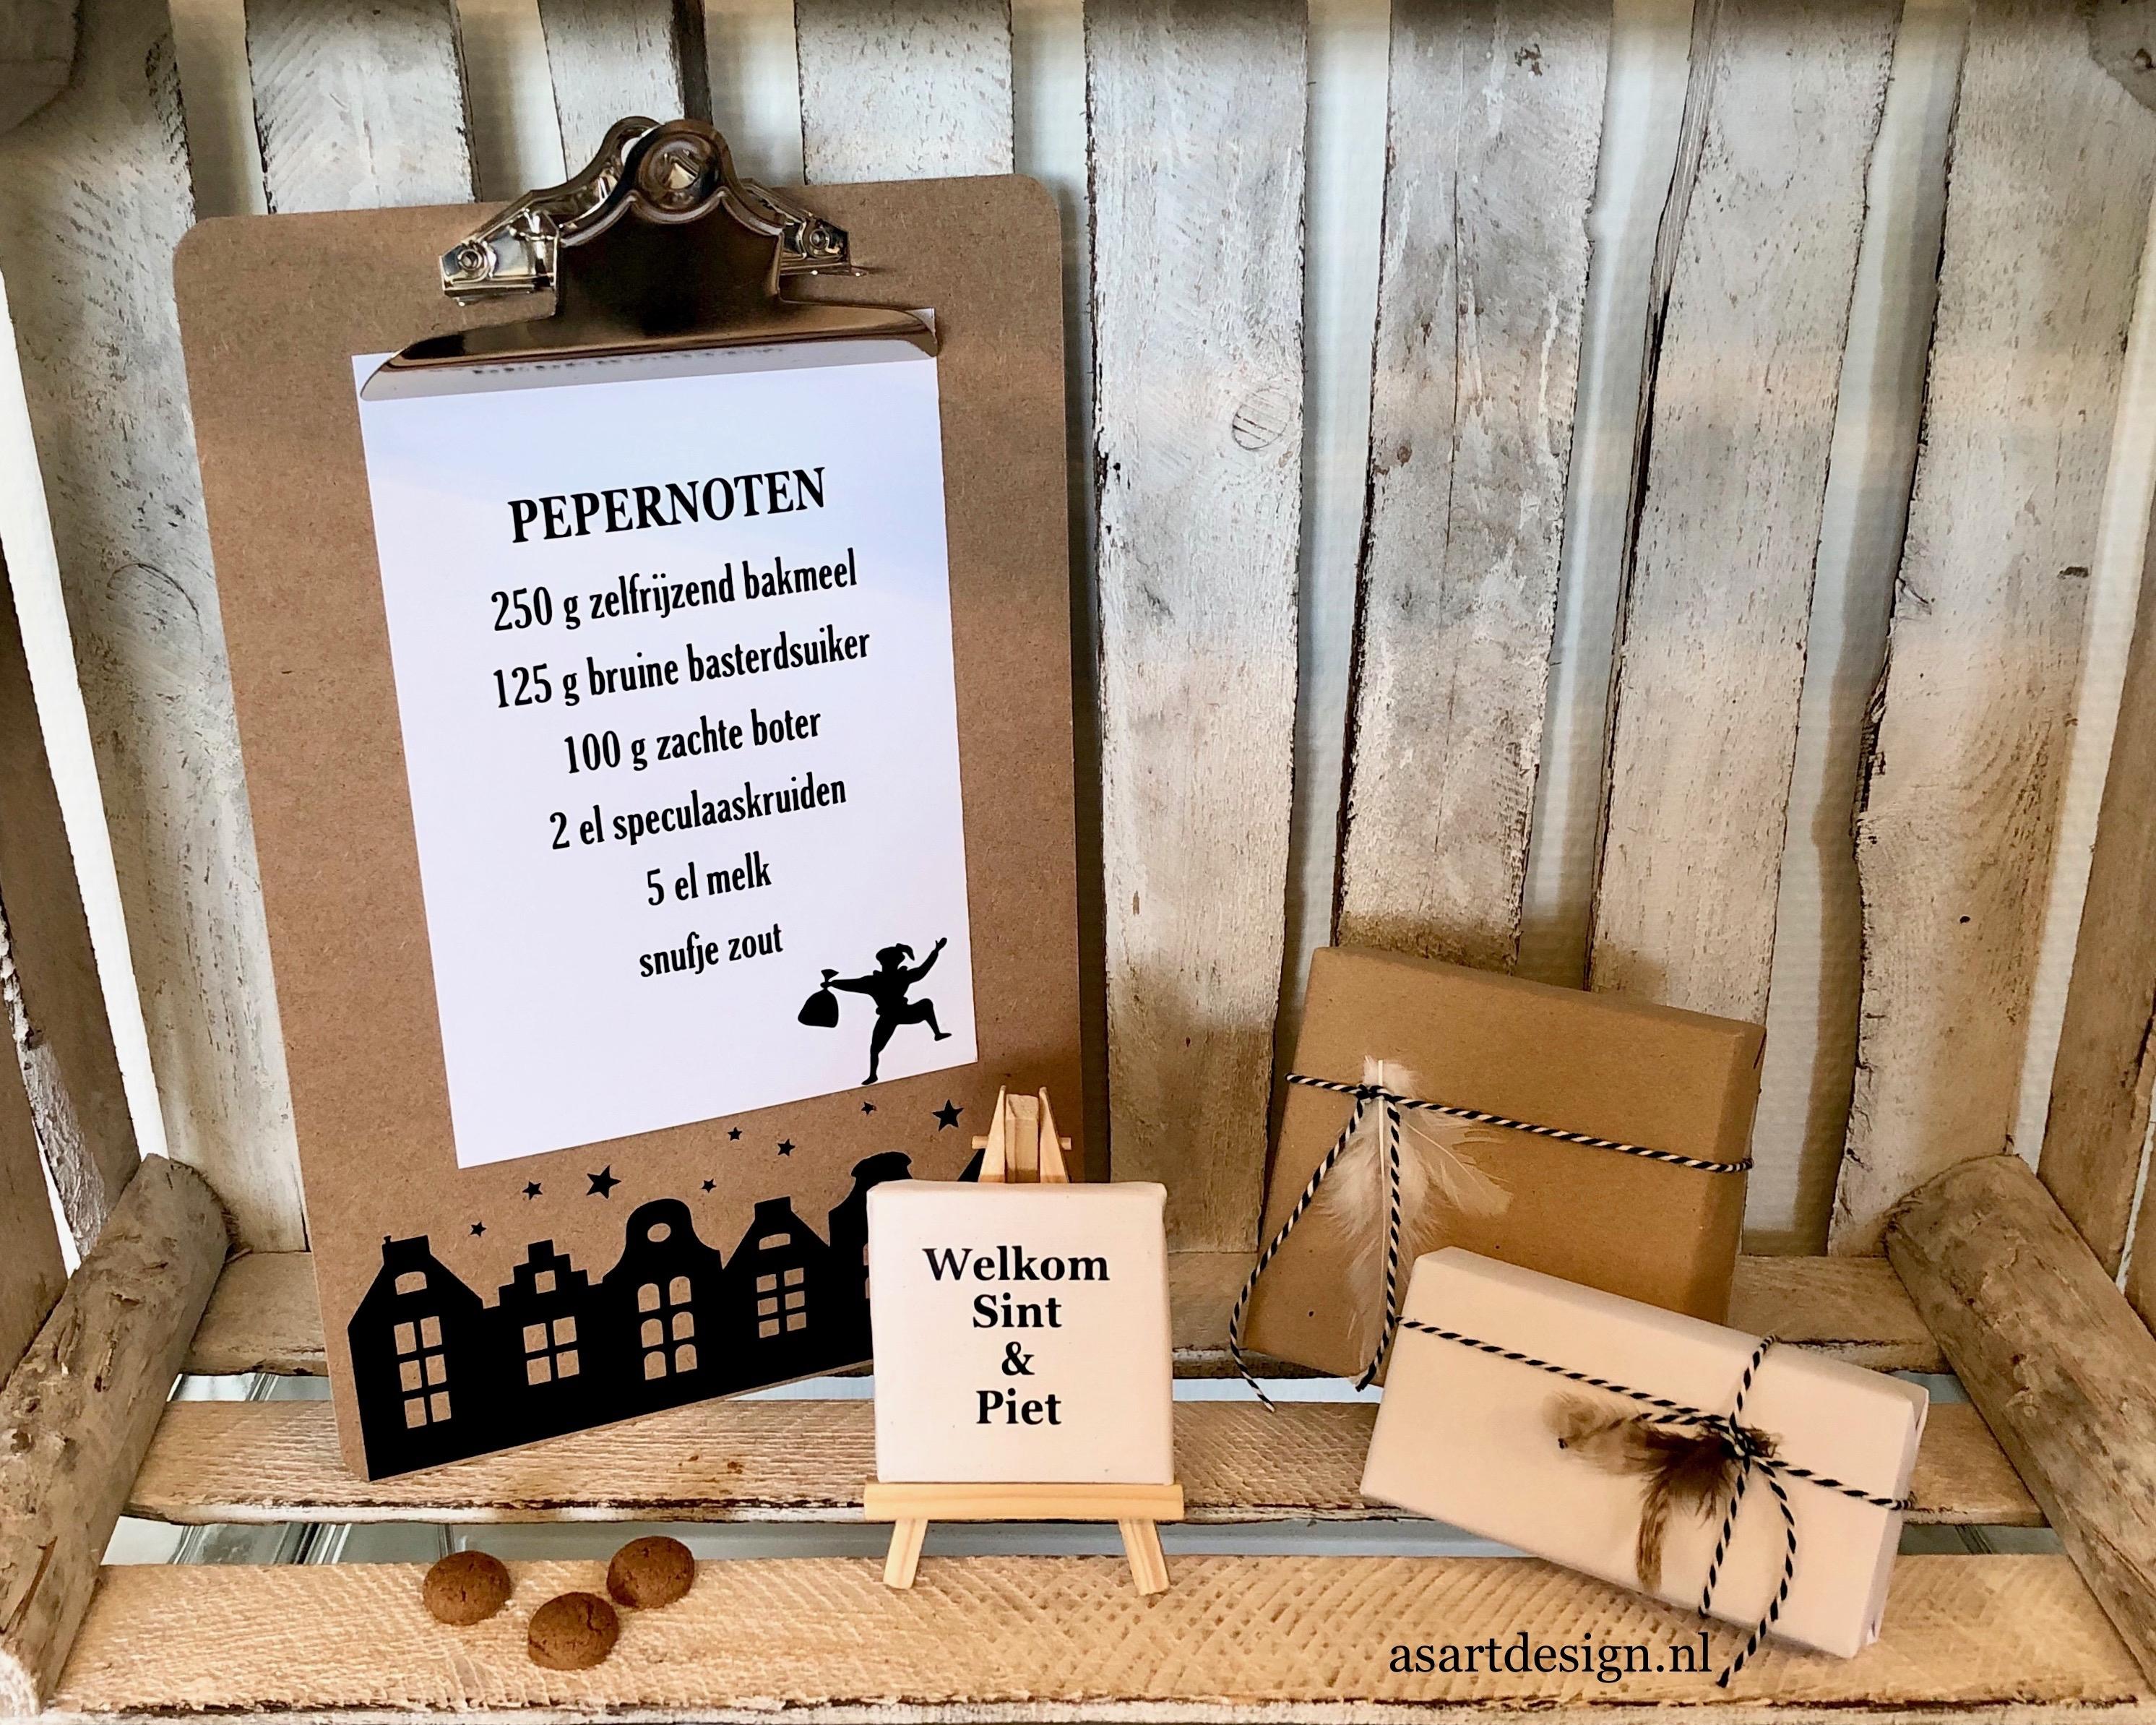 Sinterklaas decoratie | Klembord A4 met pepernoten recept